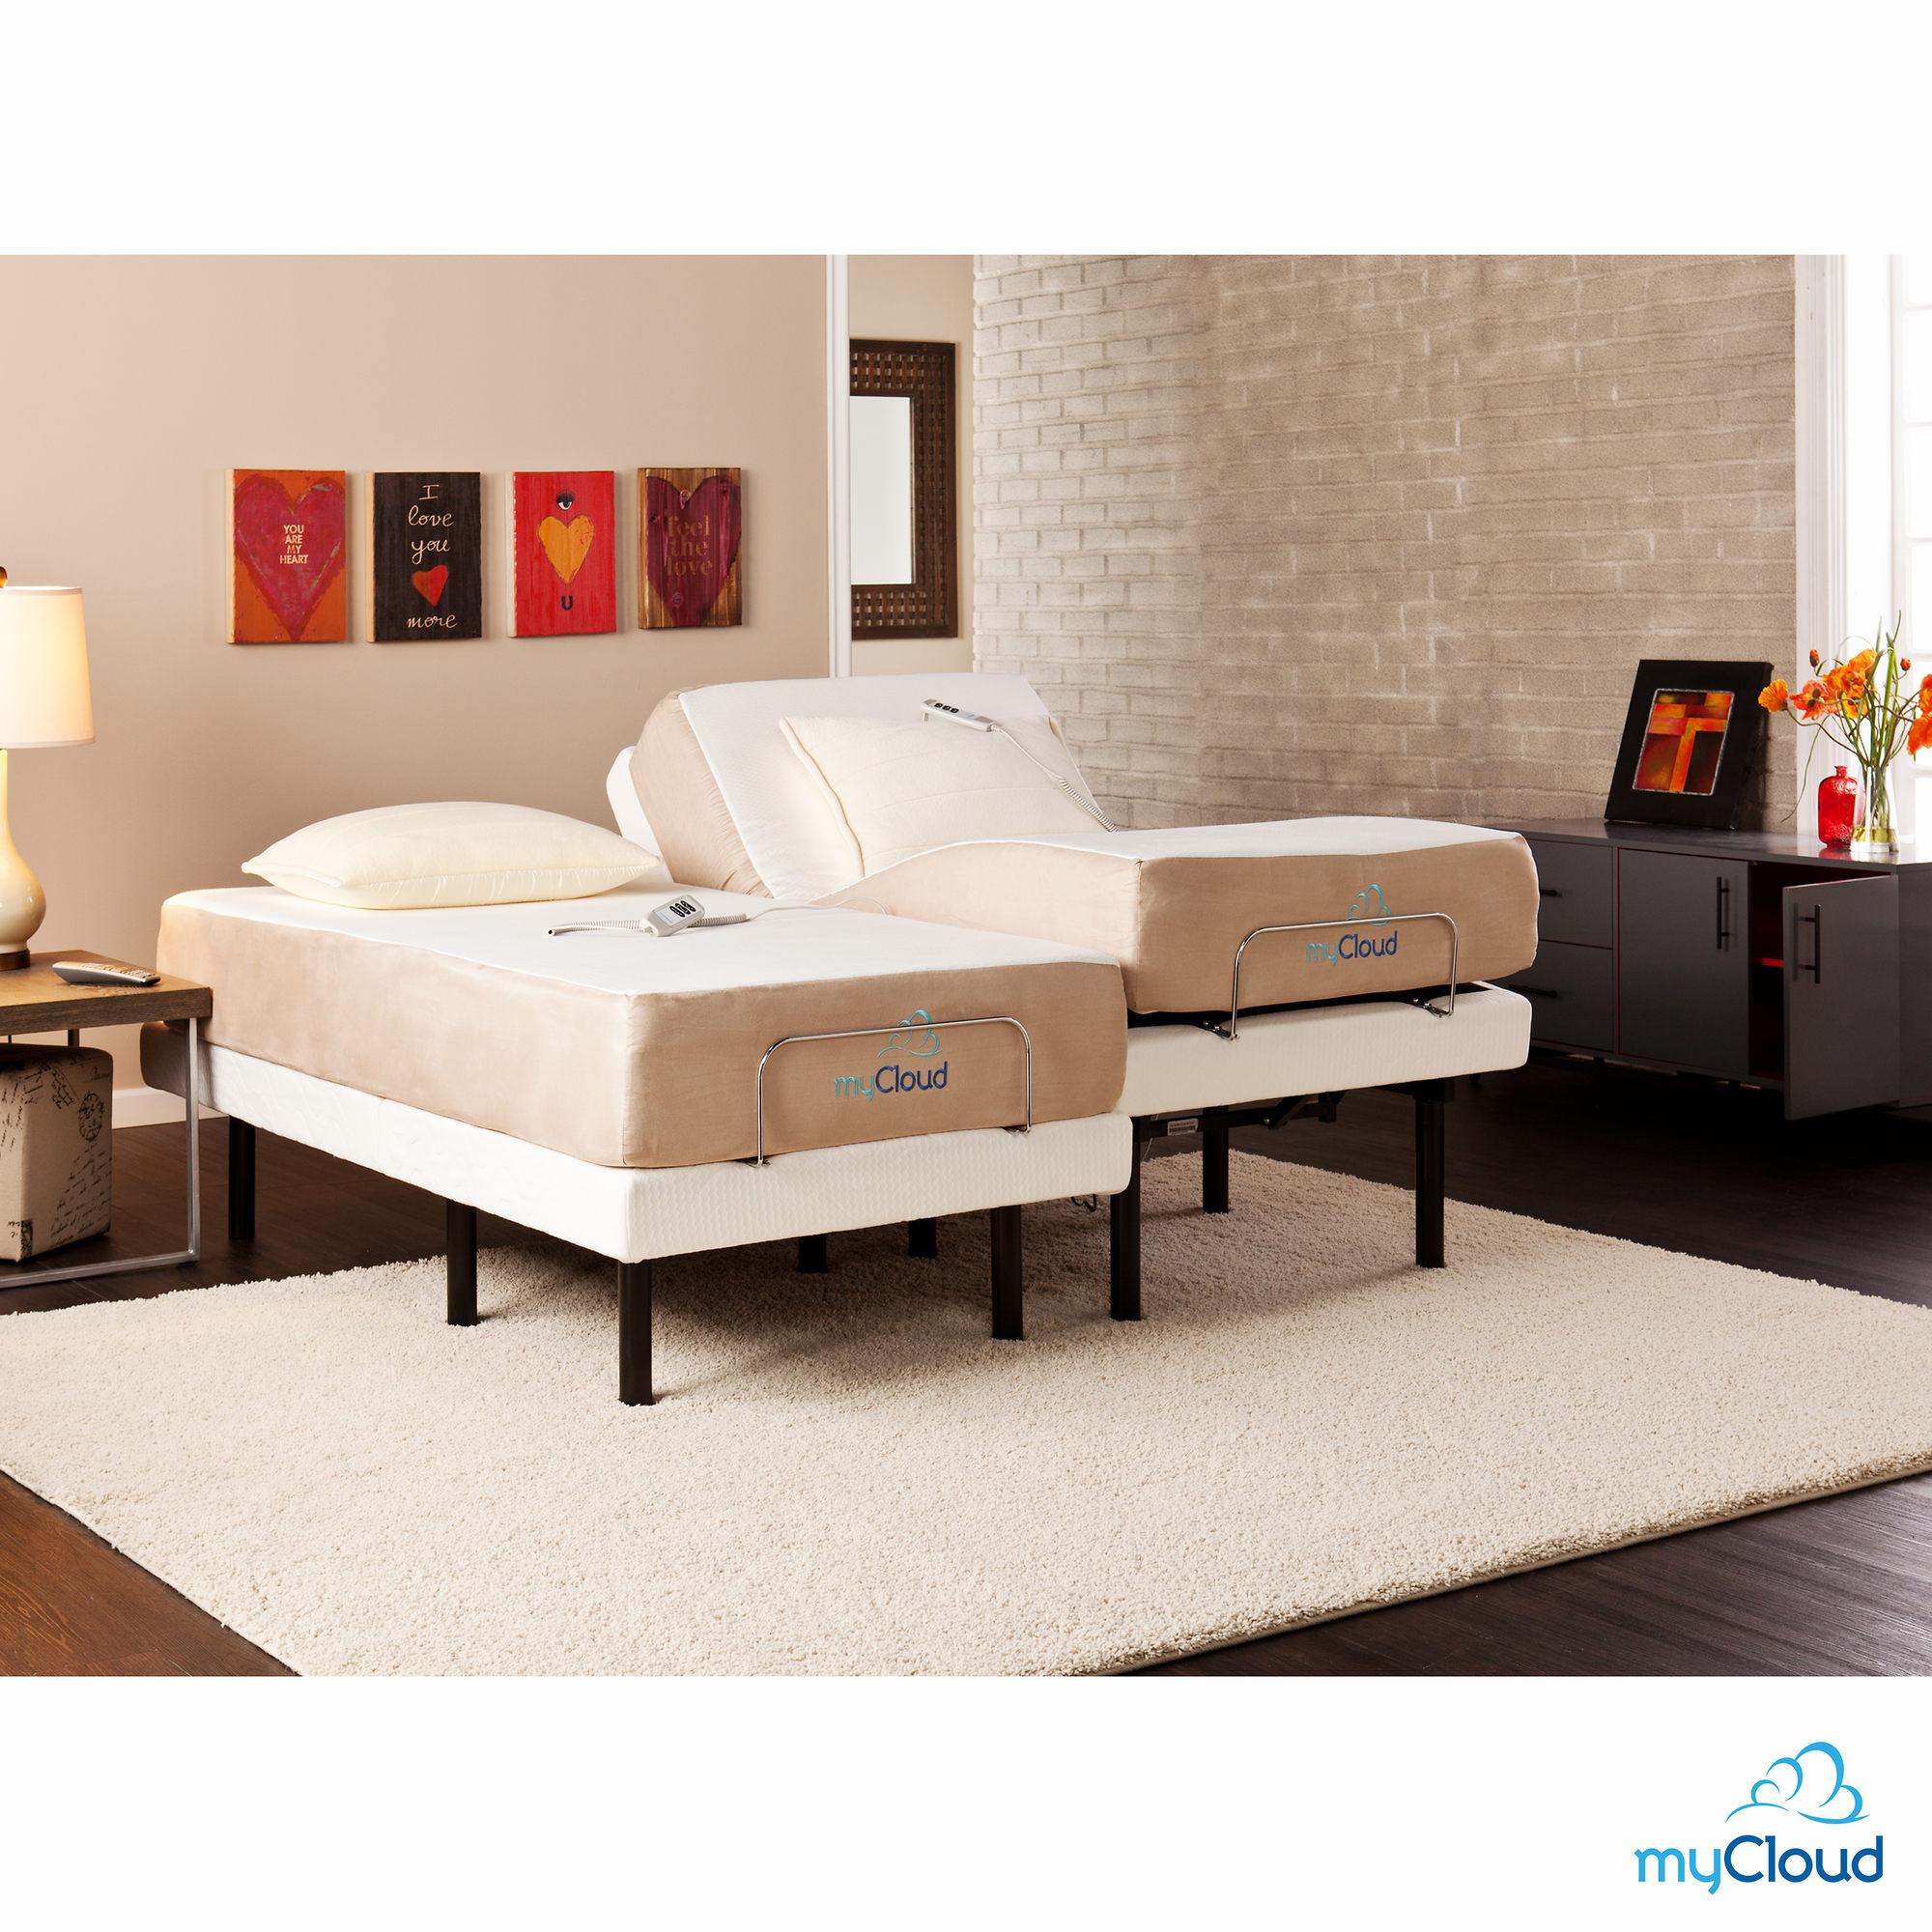 Adjustable Split King Bed Frame